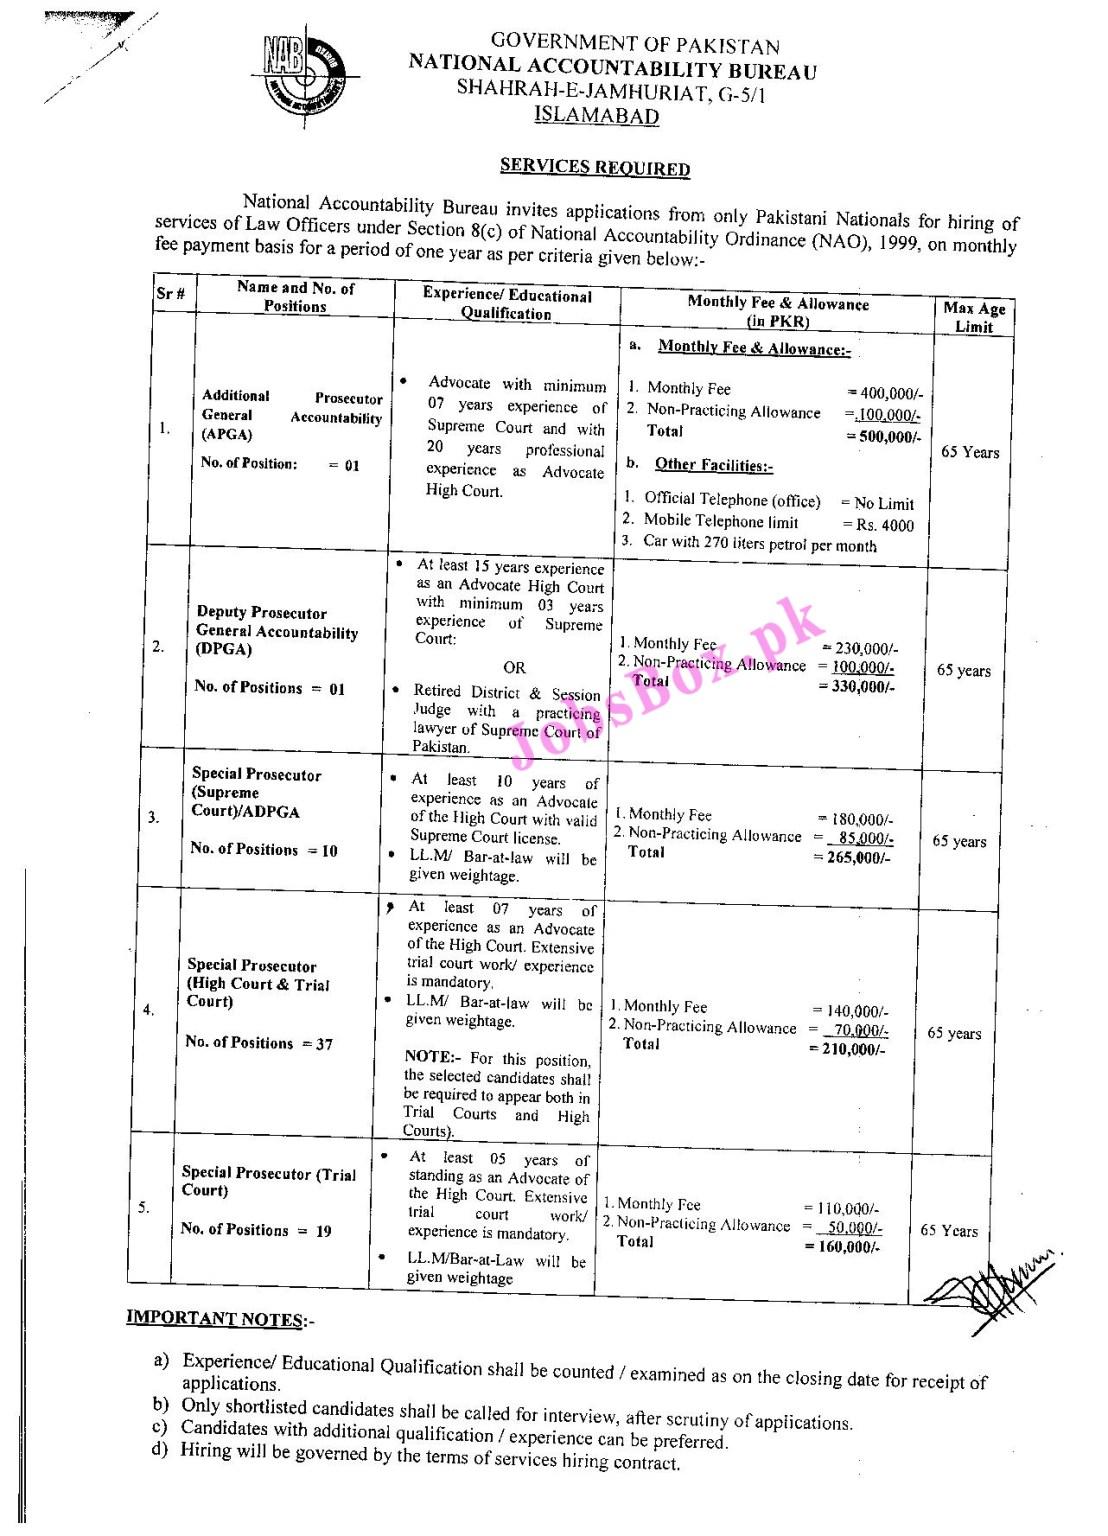 www.nab.gov.pk Jobs 2021 - National Accountability Bureau NAB  Jobs 2021 in Pakistan